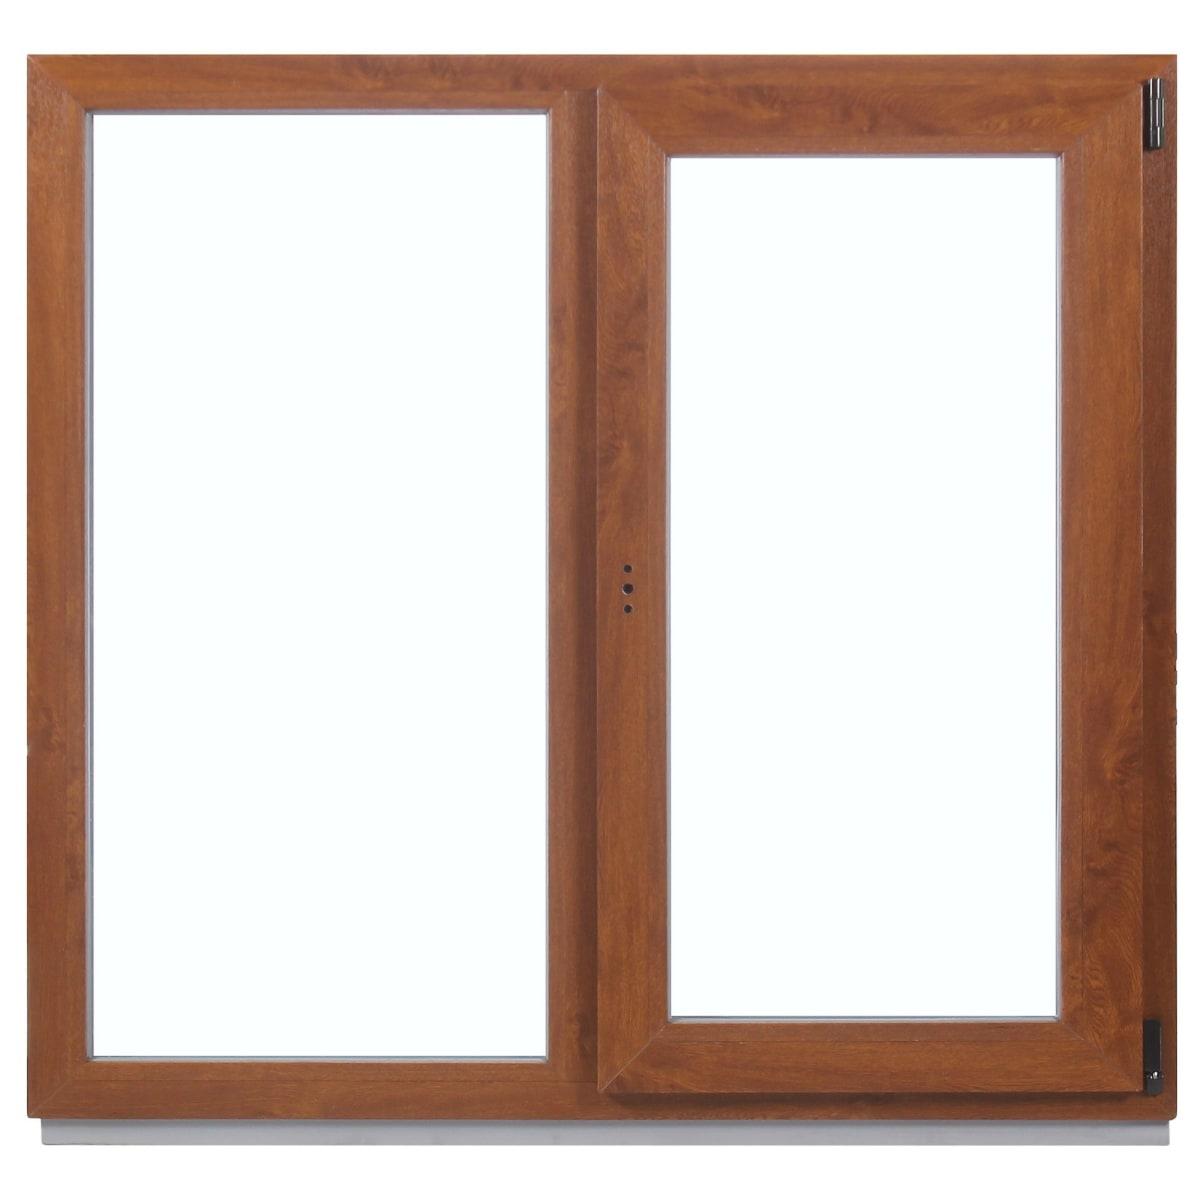 Окно ПВХ двухстворчатое, 120x120 см, глухое/поворотно-откидное правое